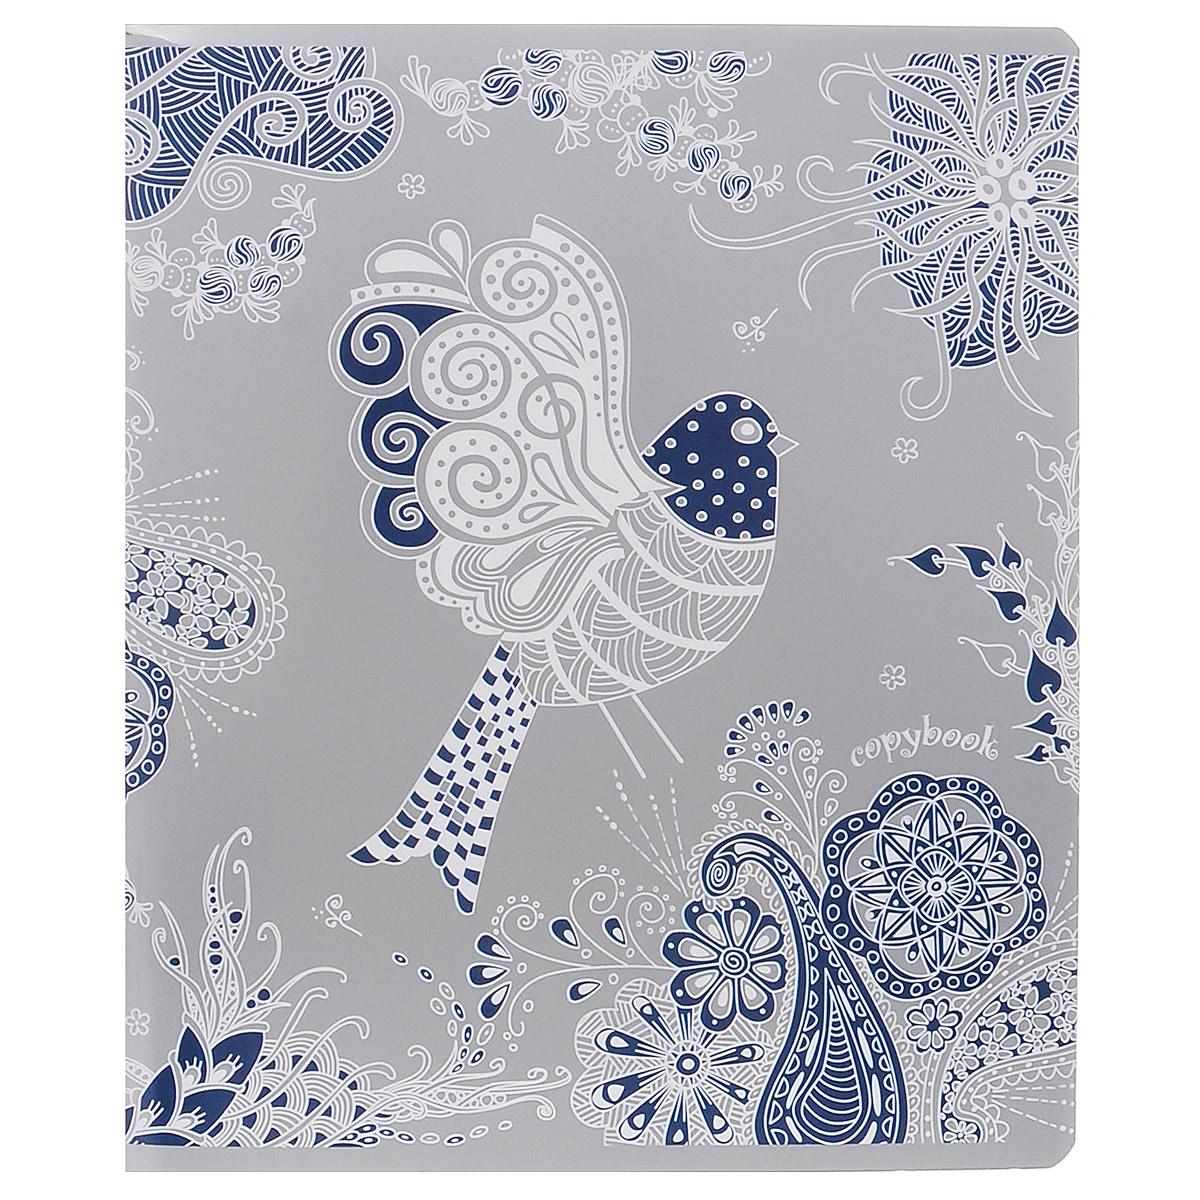 Тетрадь Сказочные птицы, цвет: серый, синий, 96 листов. 37603_237603_2Тетрадь Сказочные птицы прекрасно подойдет как студенту, так и школьнику. Обложка тетради с закругленными углами выполнена из плотной бумаги и оформлена изображением волшебной птички. Внутренний блок состоит из 96 листов белой бумаги. Стандартная линовка в клетку дополнена полями, совпадающими с лицевой и оборотной стороны листа.